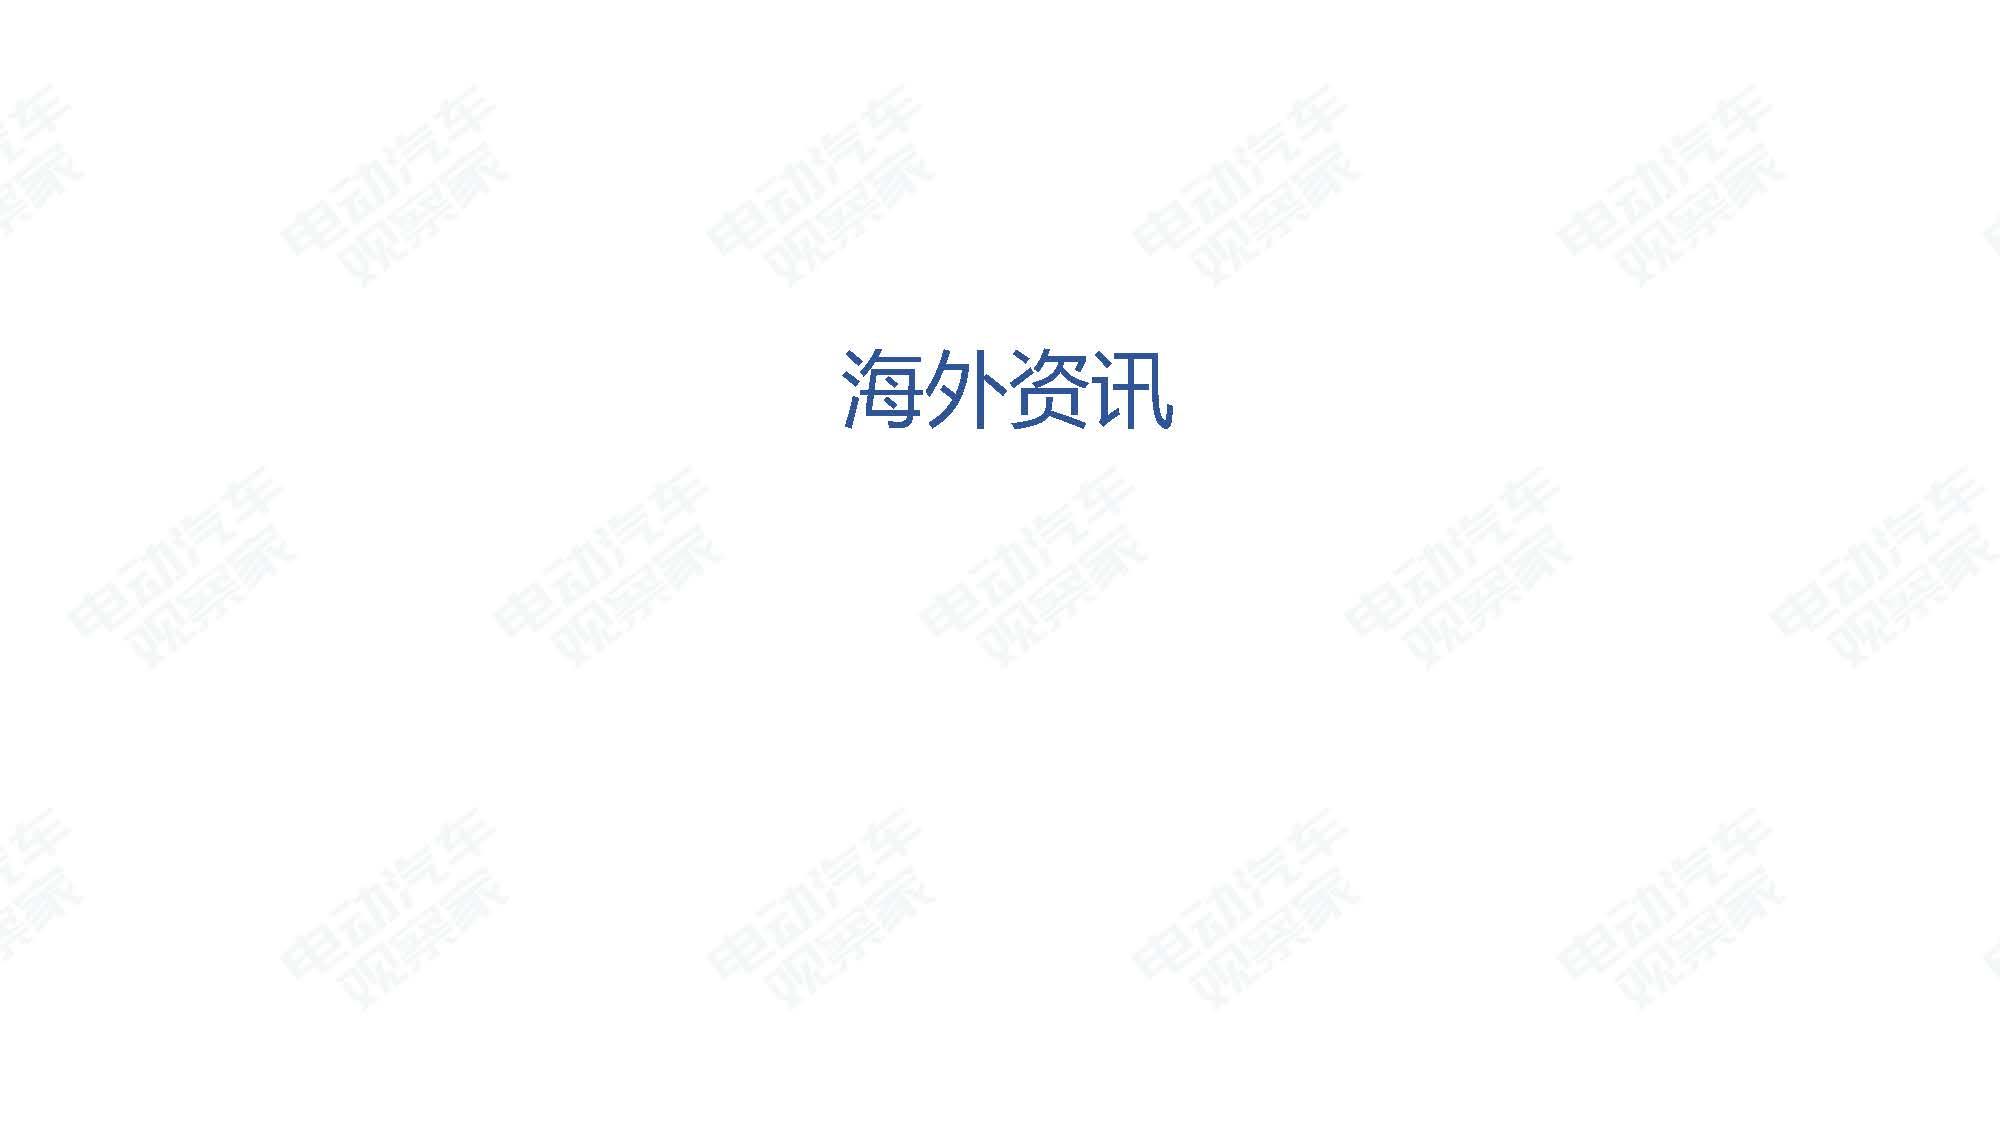 2019年11月中国新能源汽车产业观察_页面_131